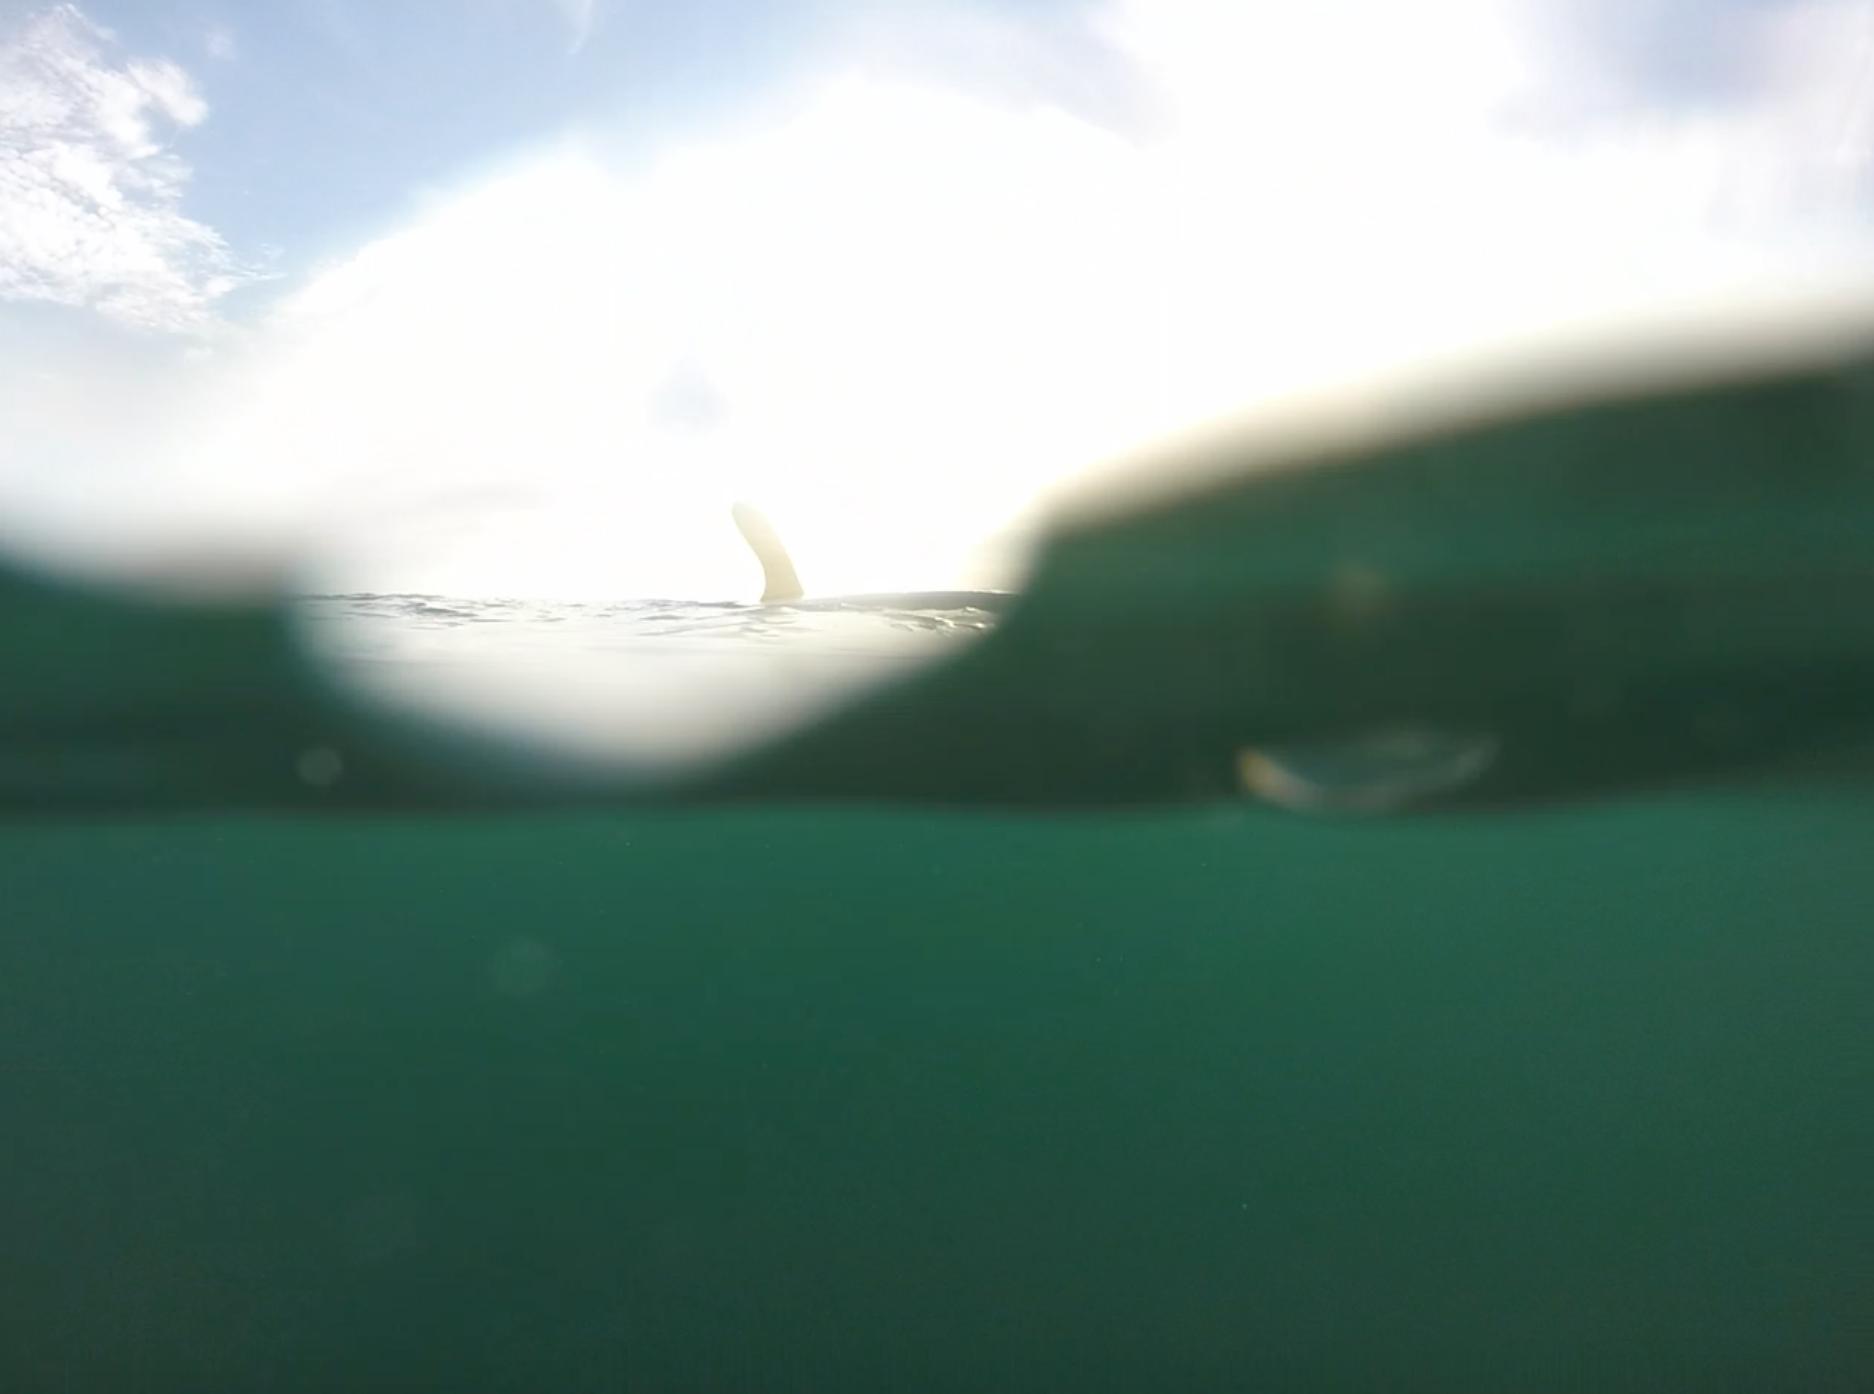 bruce_jones_surfboards_17.png